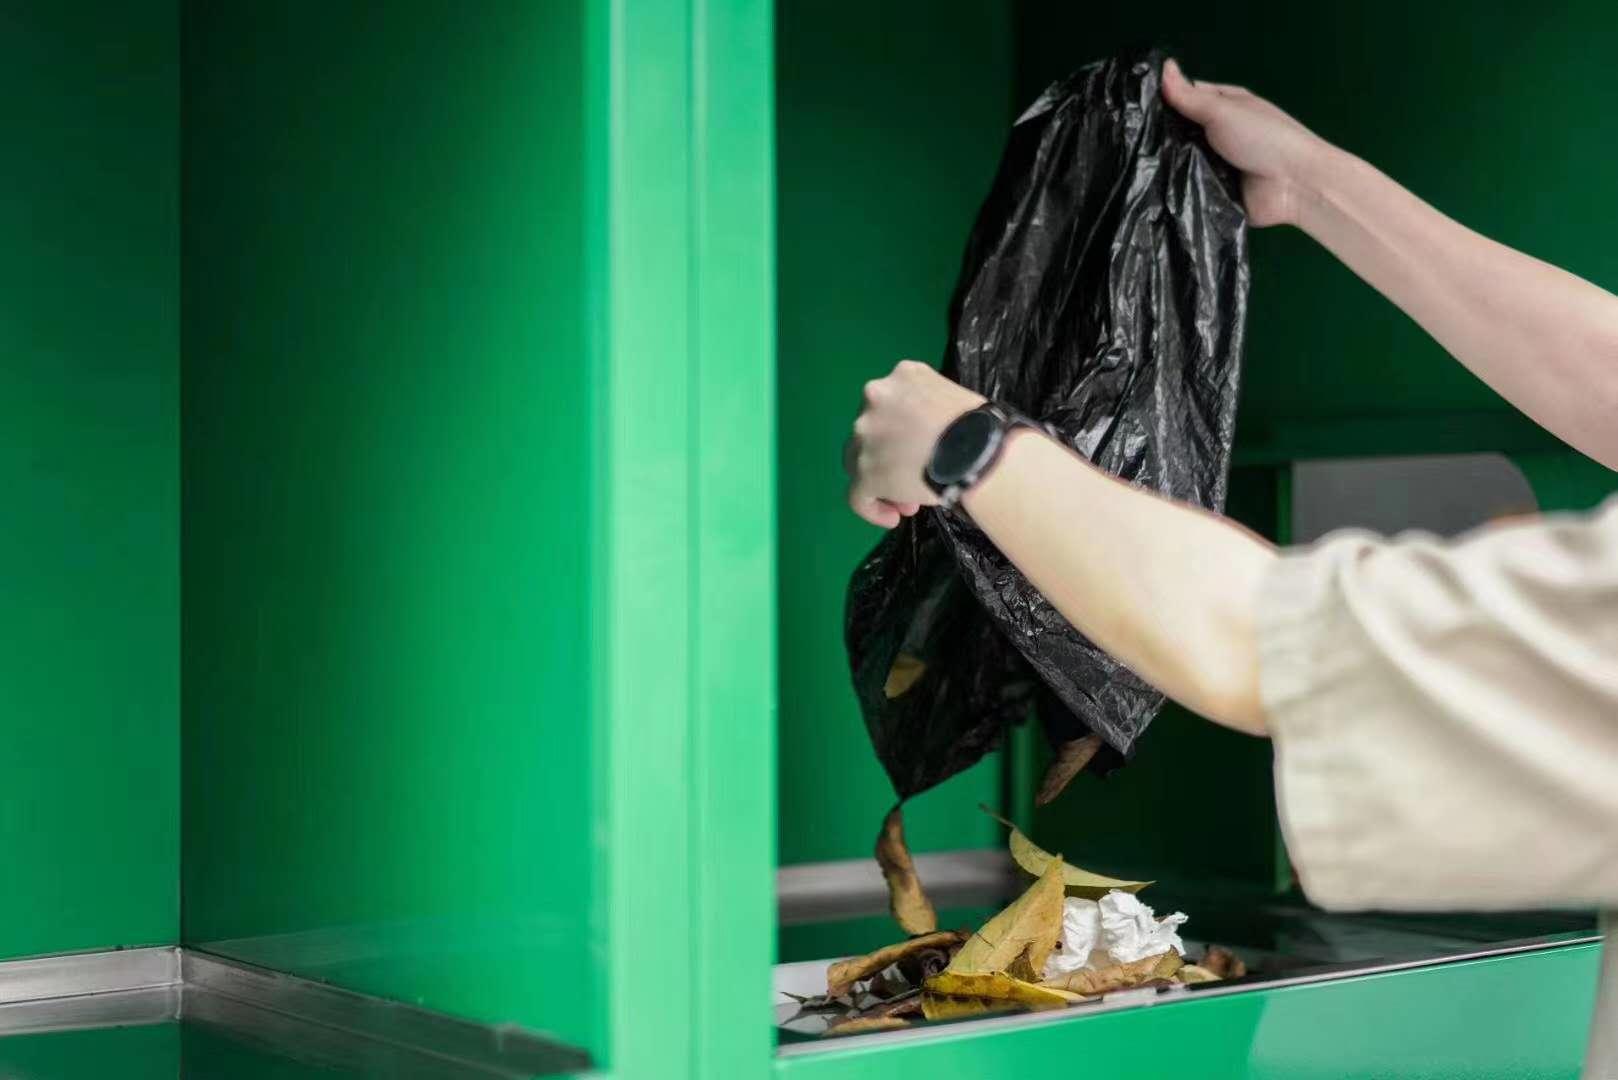 垃圾除臭剂-垃圾站臭味的克星